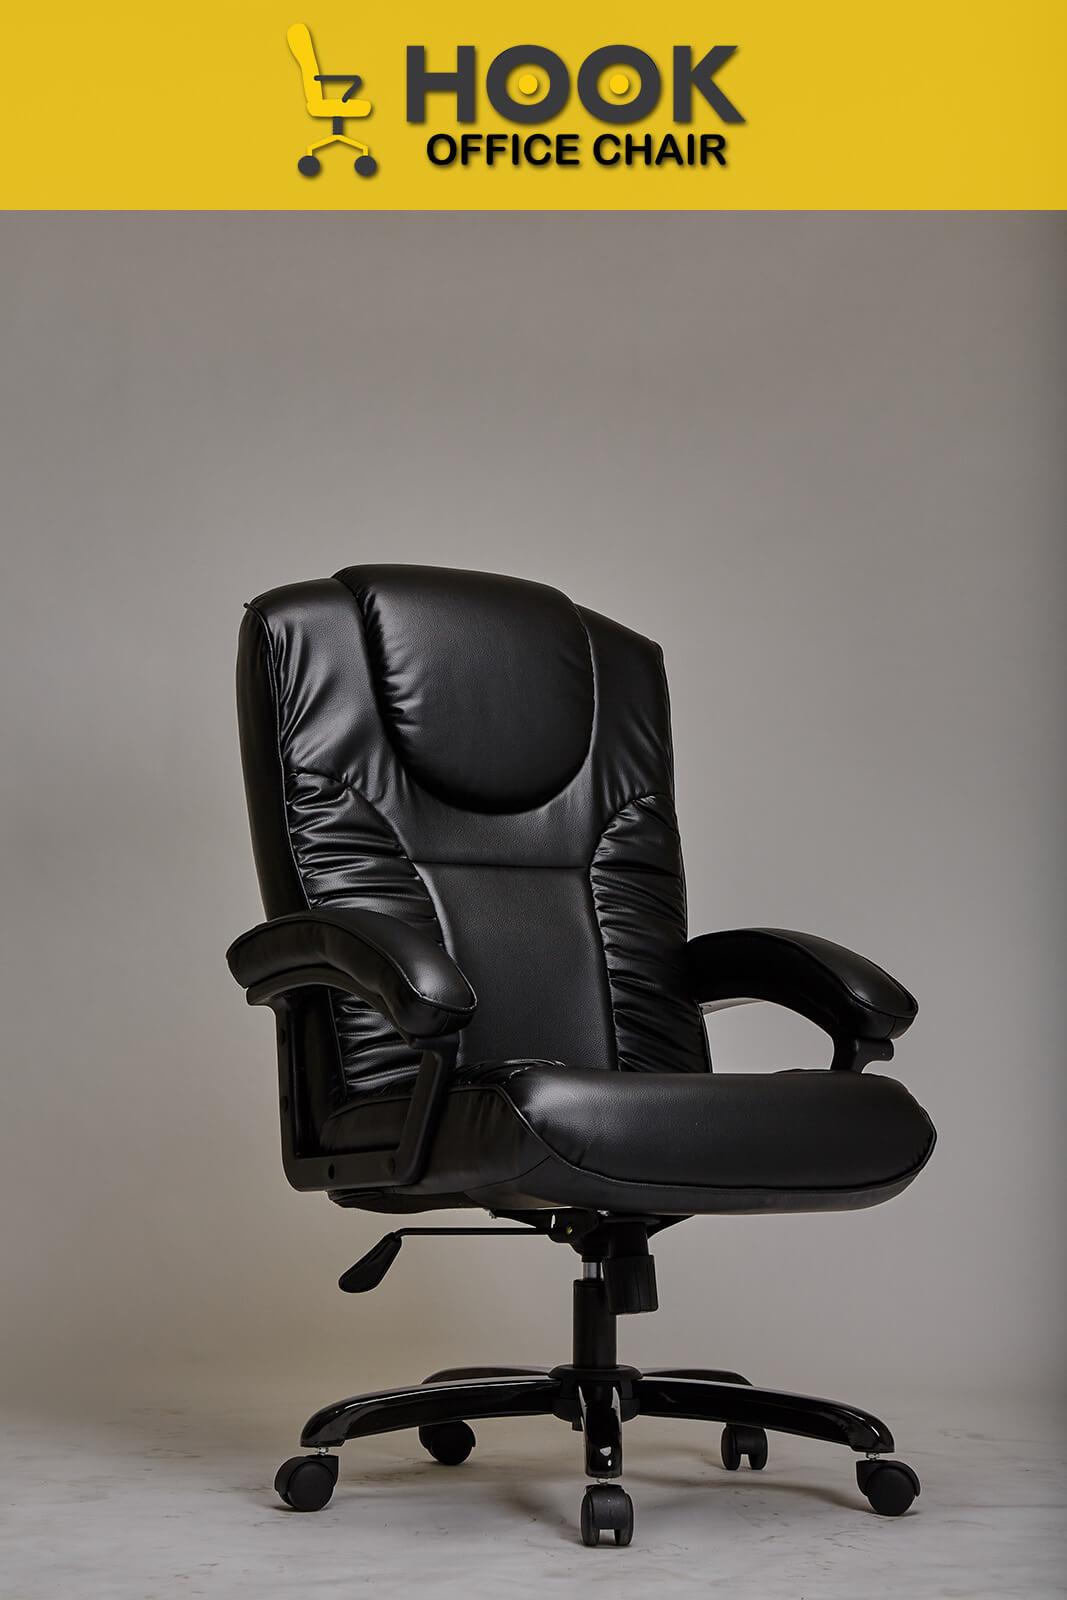 เก้าอี้ผู้บริหาร เก้าอี้สำนักงาน รุ่น H06-002